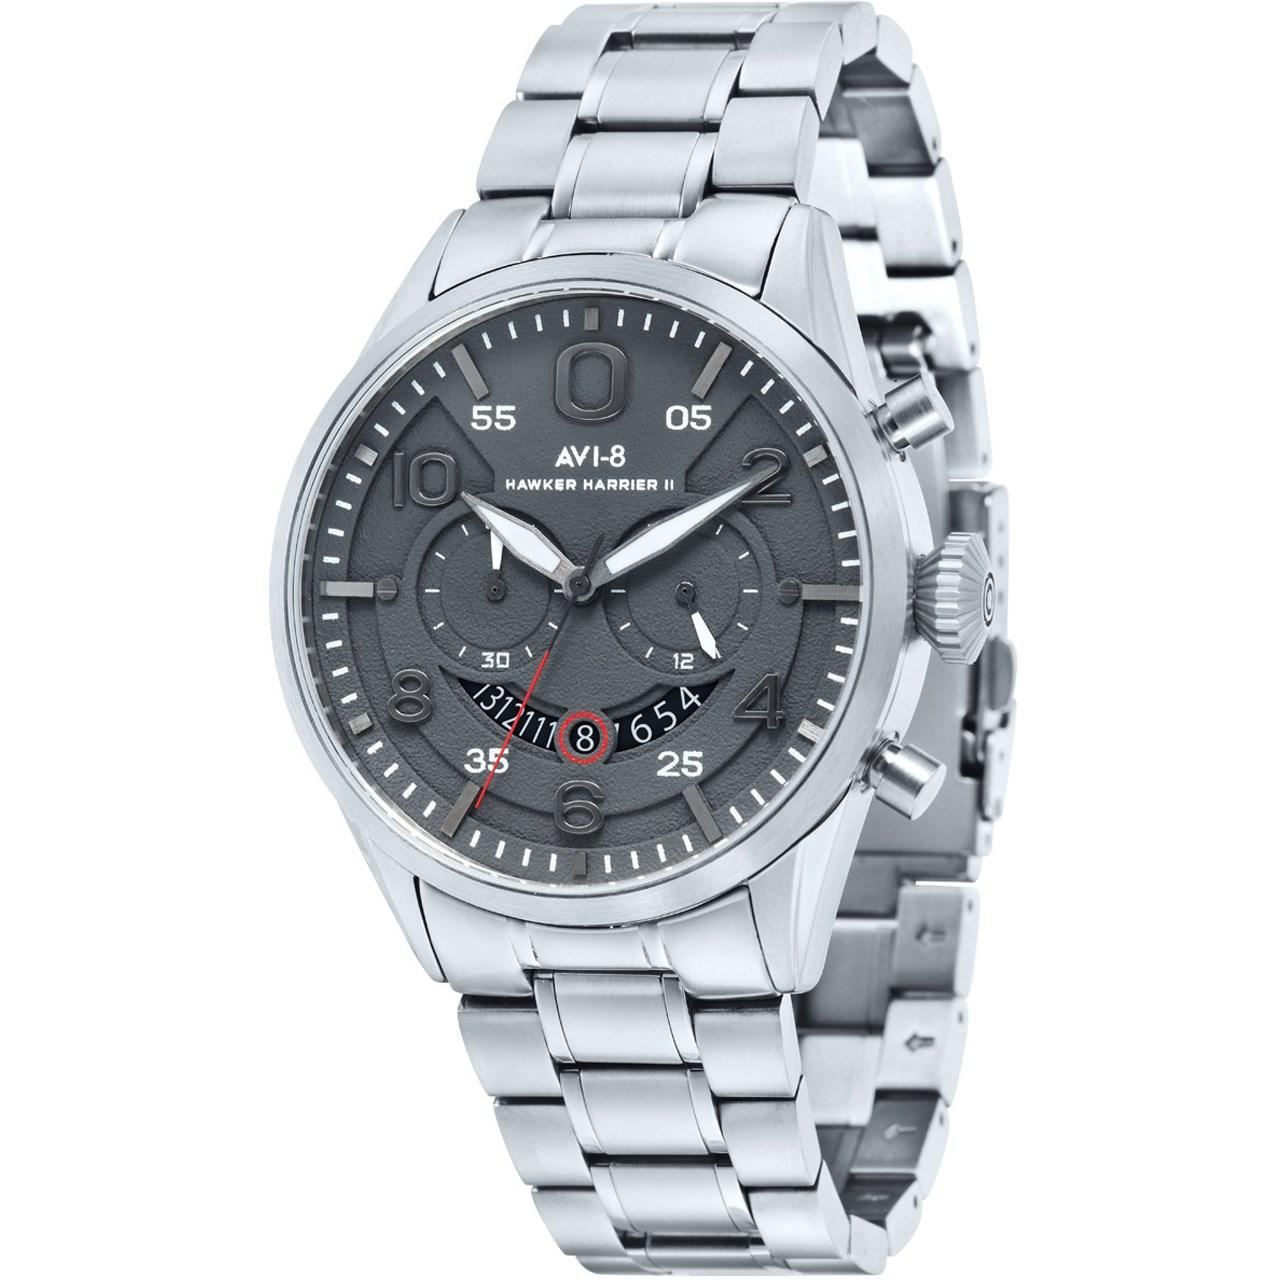 ساعت مچی عقربه ای مردانه ای وی-8 مدل AV-4031-11 55